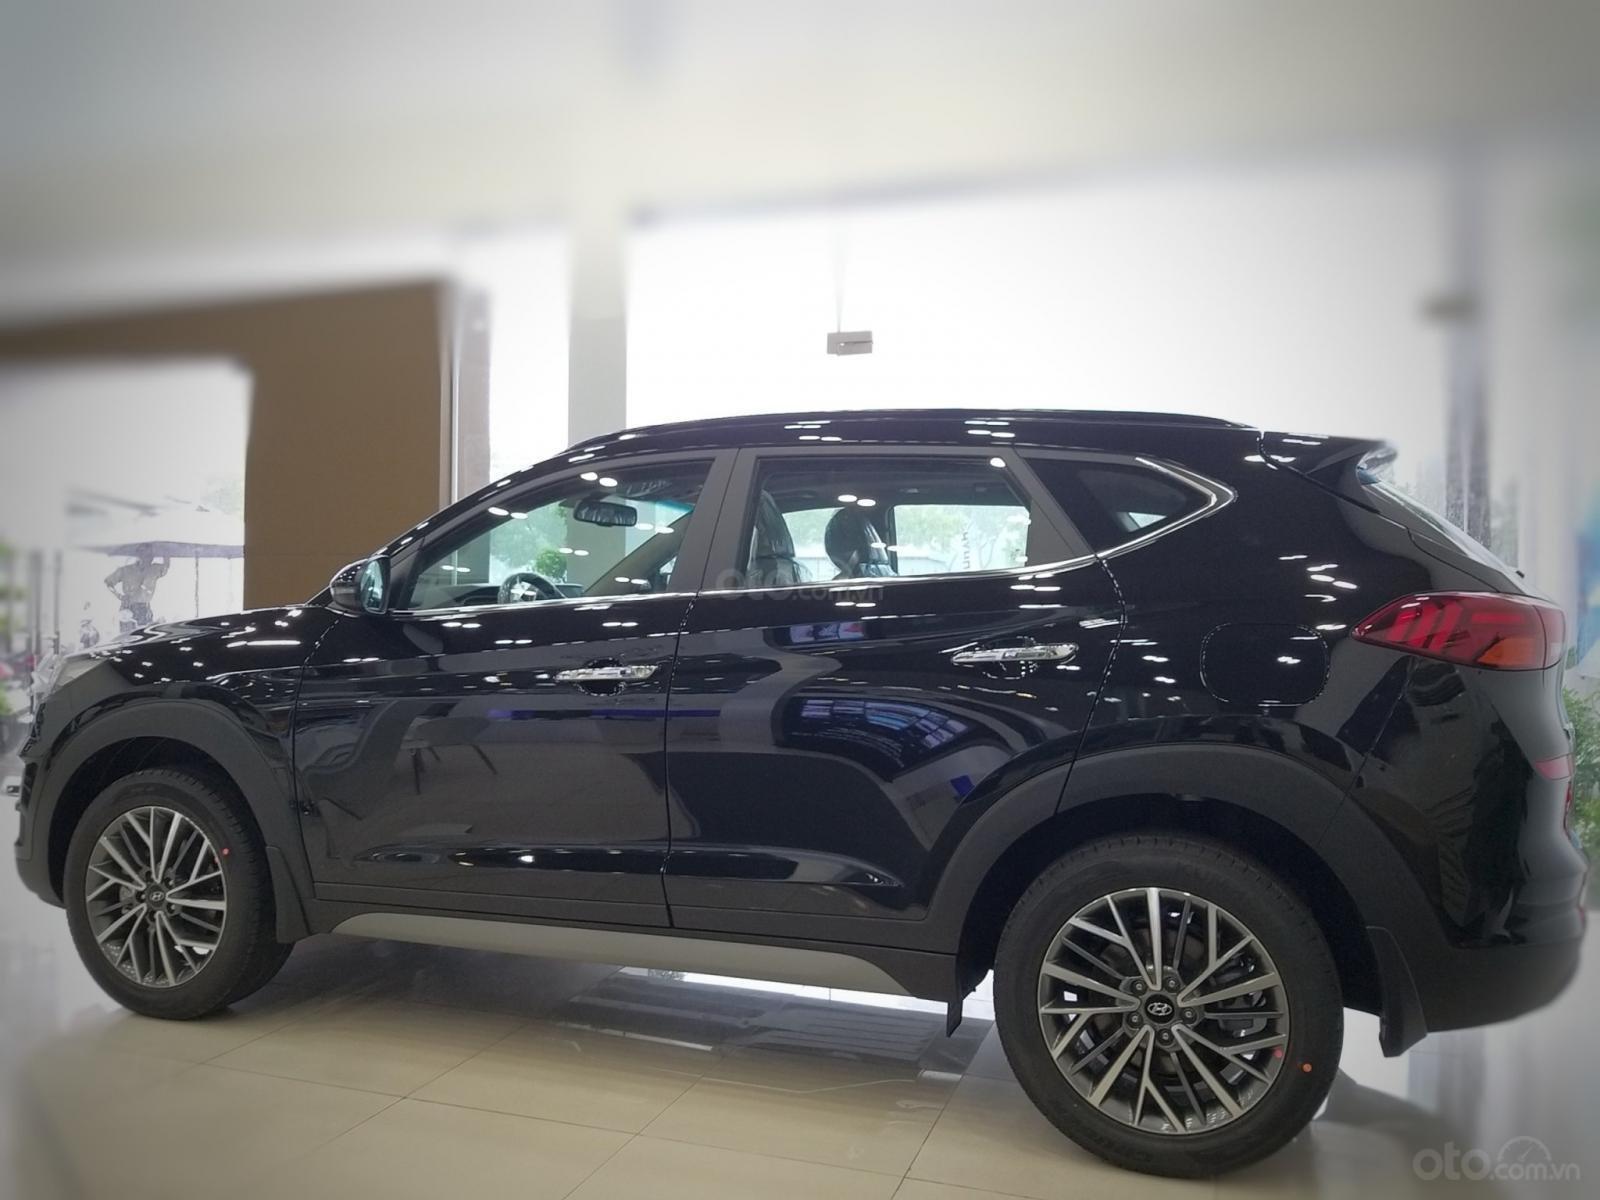 Bán Hyundai Tucson 2019, sẵn xe đủ màu giao ngay, tặng phụ kiện hấp dẫn, LH Mr Ân: 0939493259-2